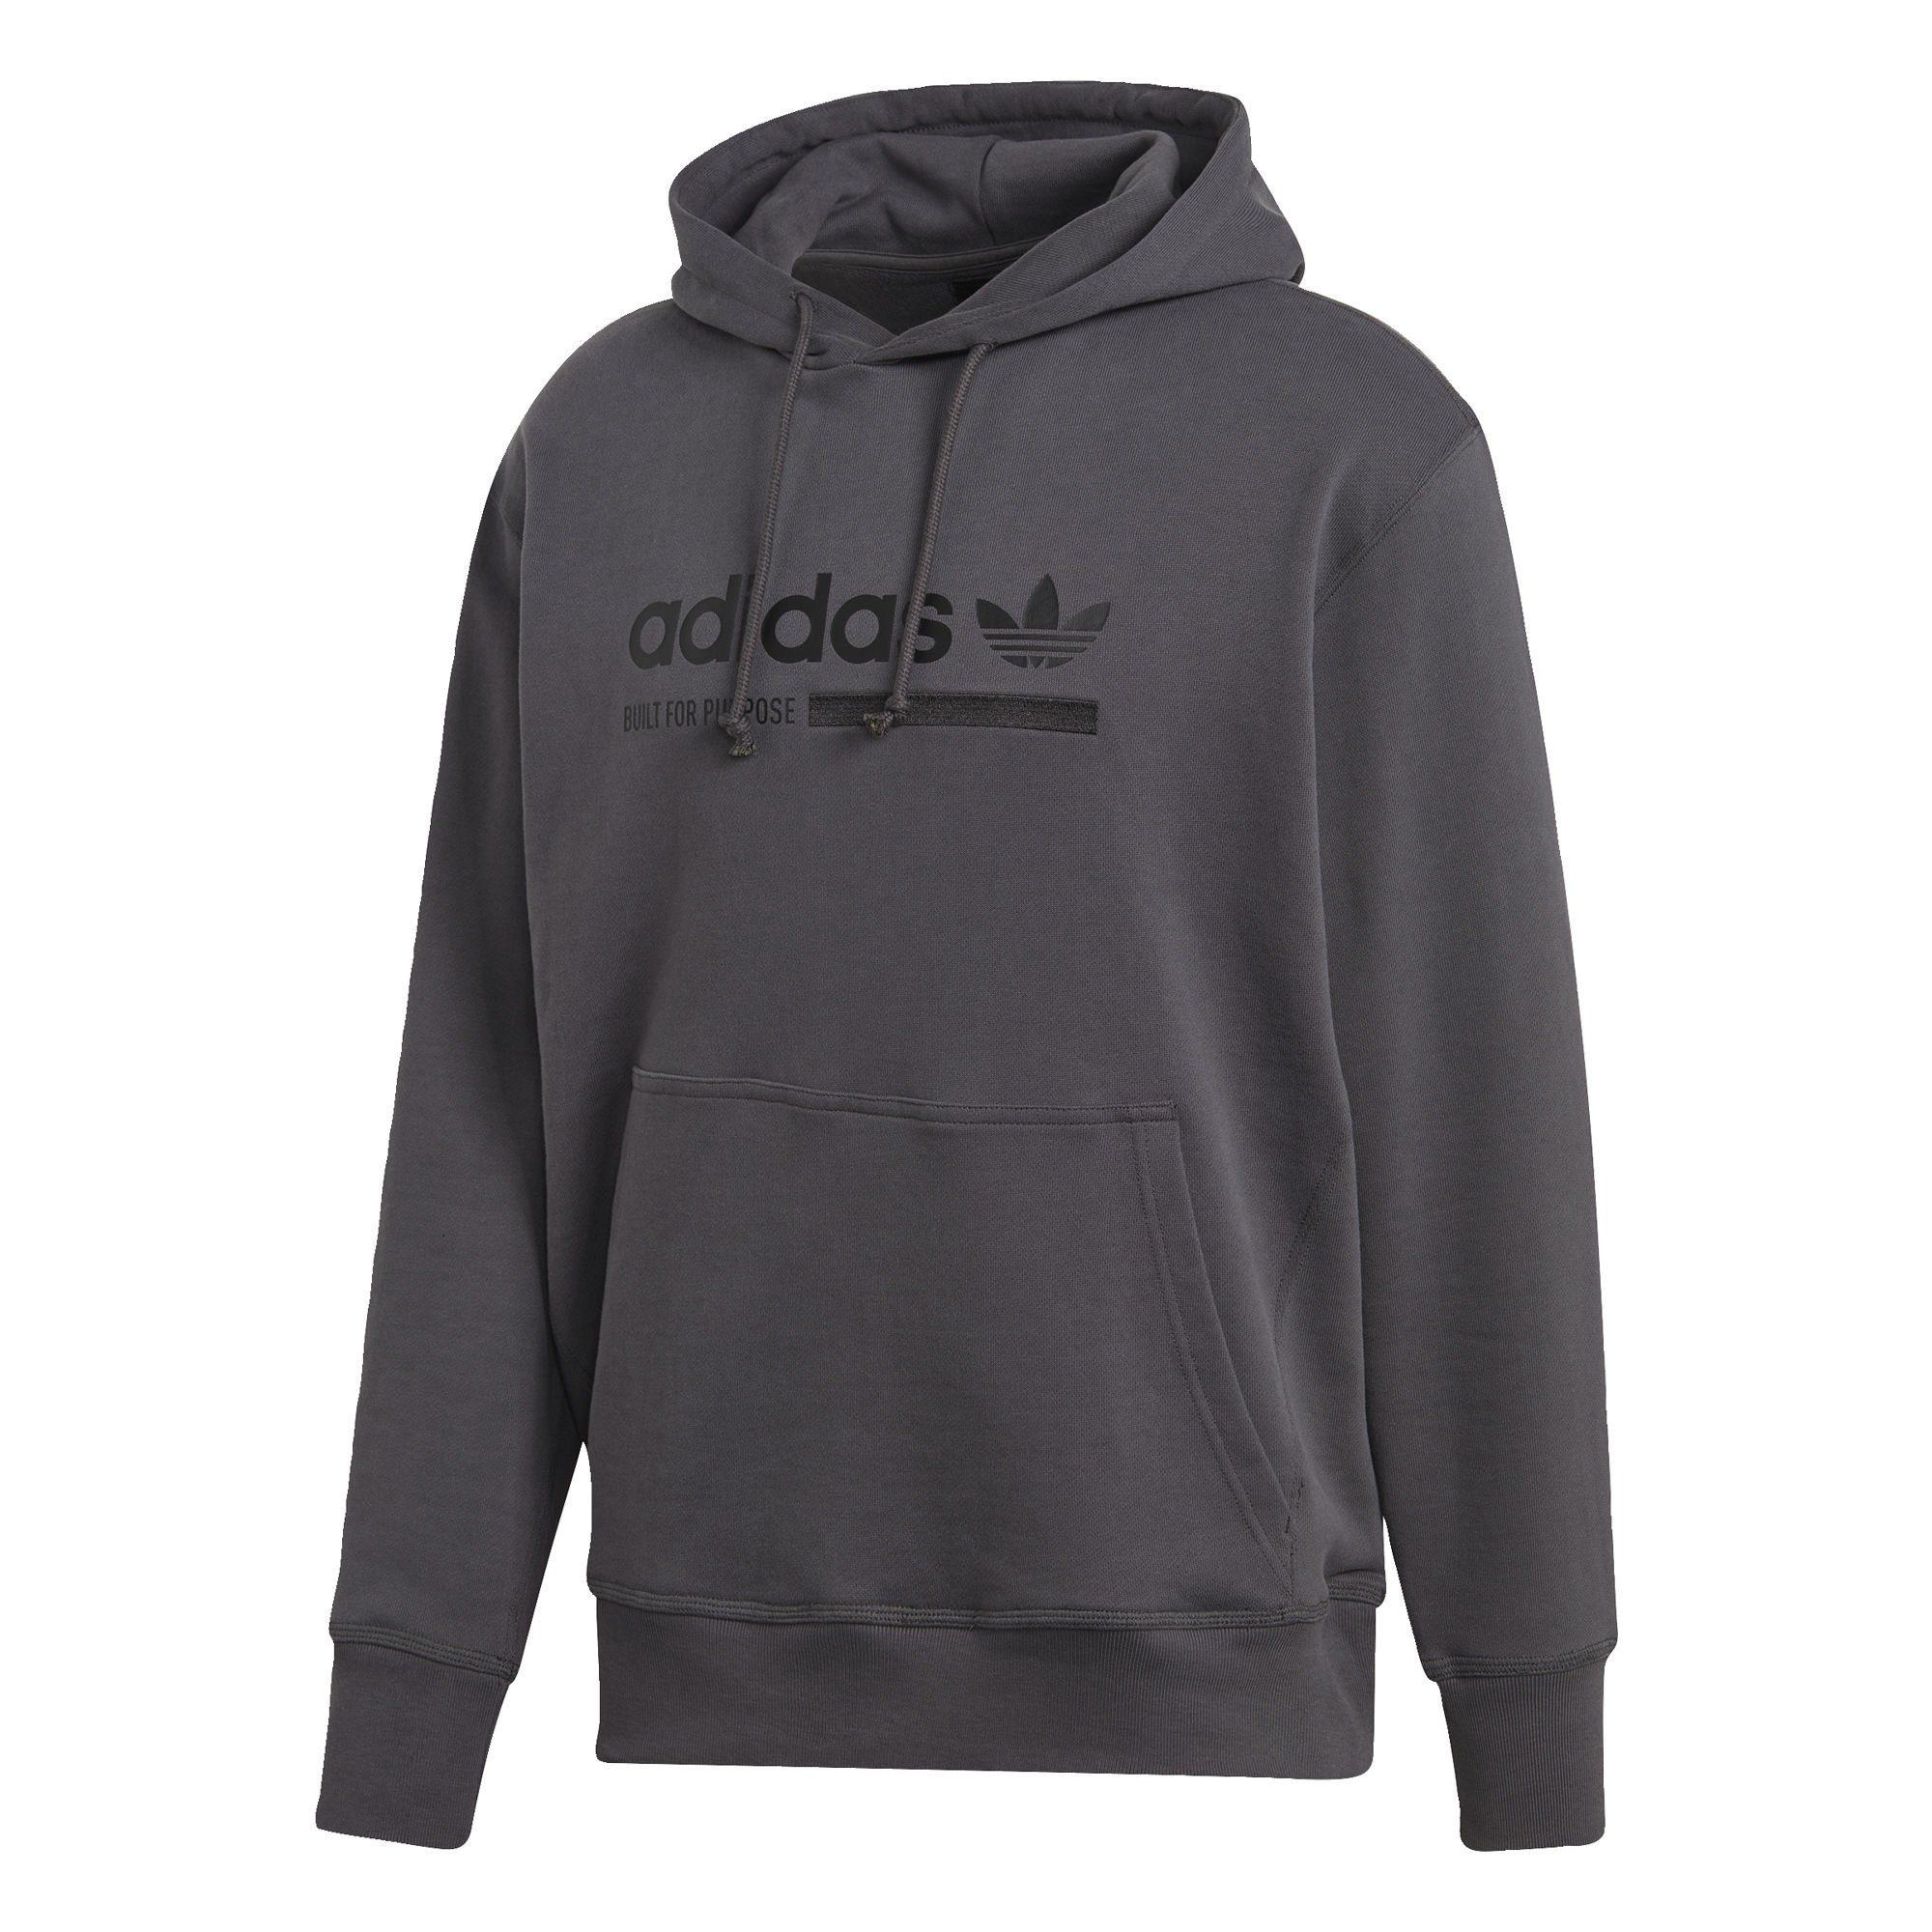 adidas Originals Hoodie »Kaval Graphic Hoodie« Kaval online kaufen | OTTO